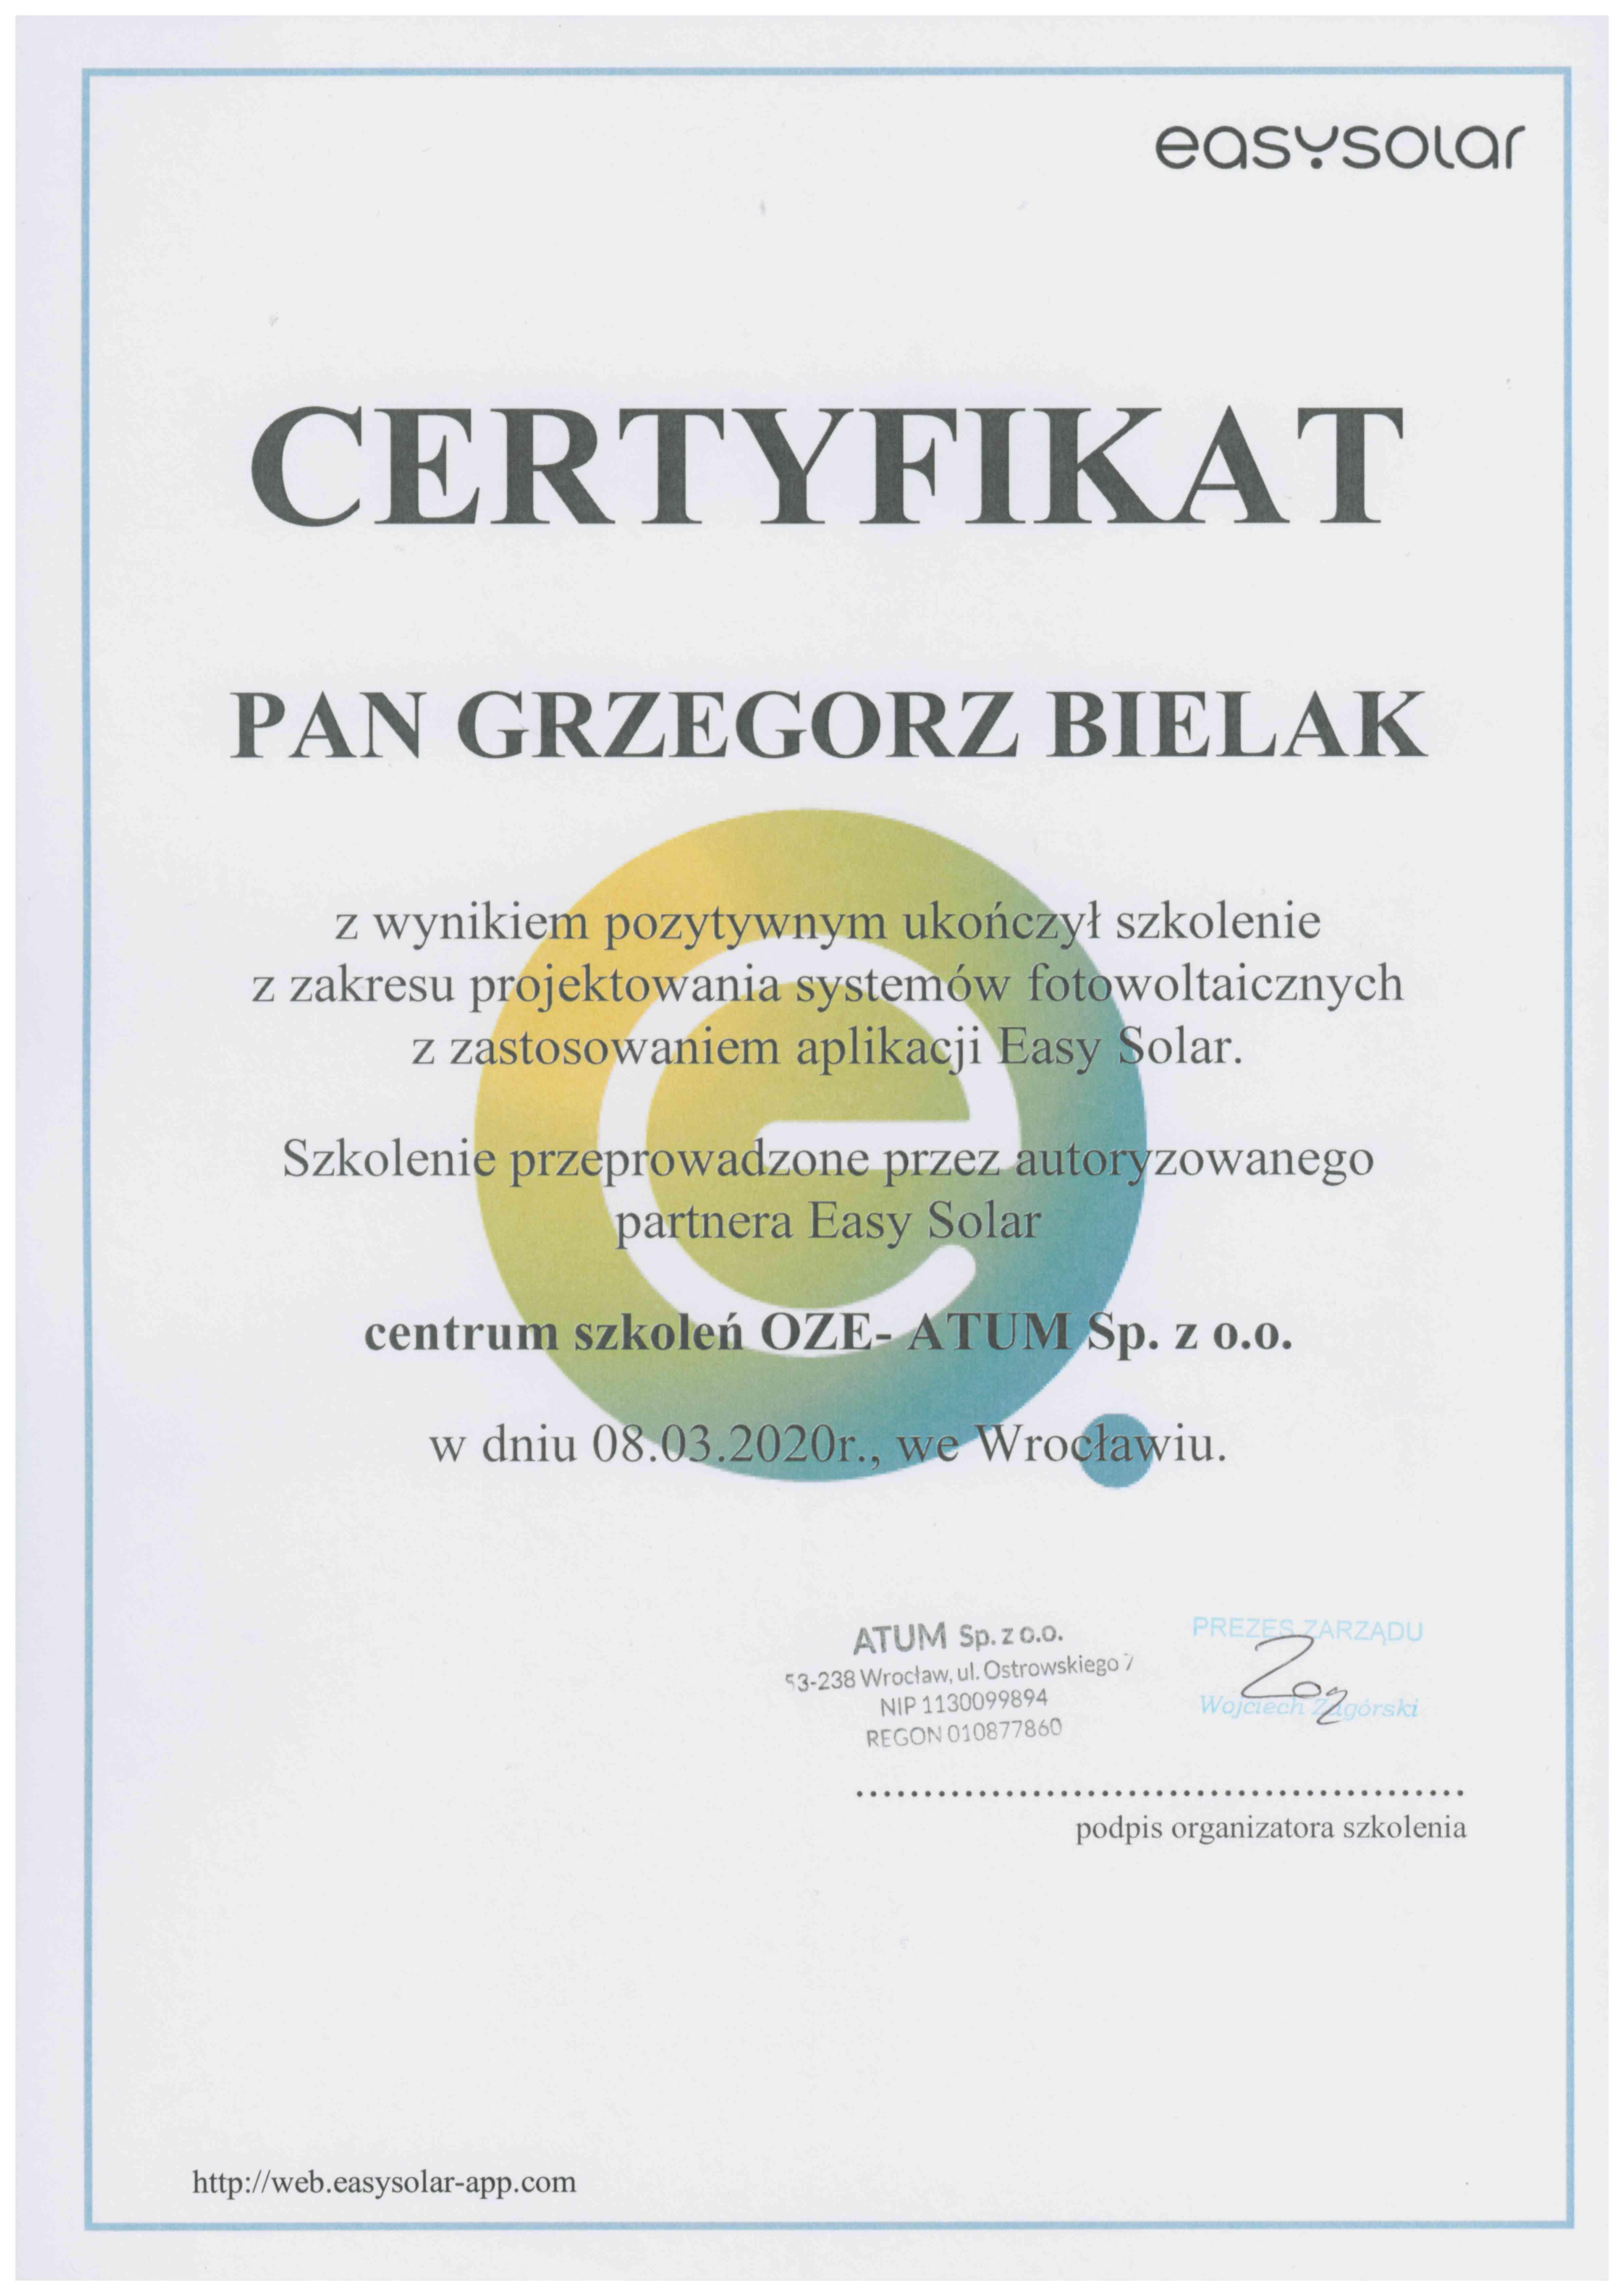 Certyfkat szkolenia projektowanie systemów fotowoltaicznych